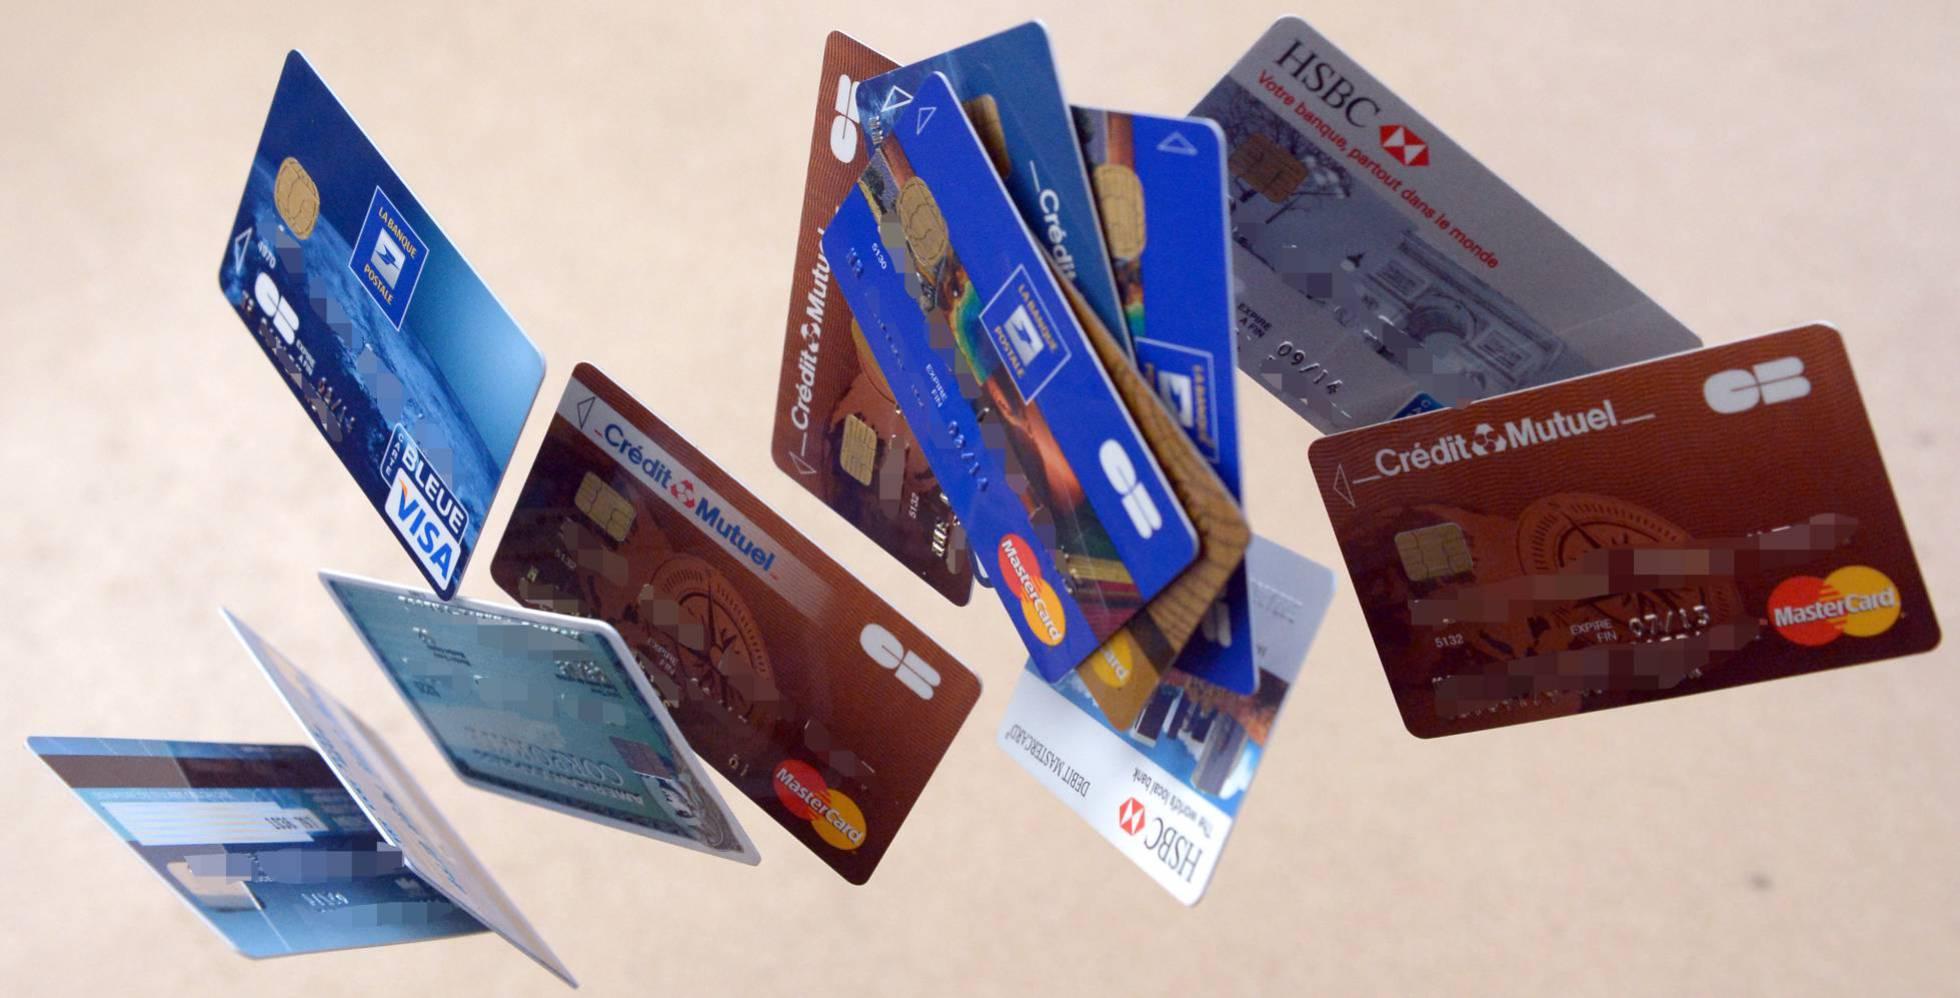 Пластиковые карты в Испании: как снимать деньги без комиссии и возвращать часть потраченной суммы?